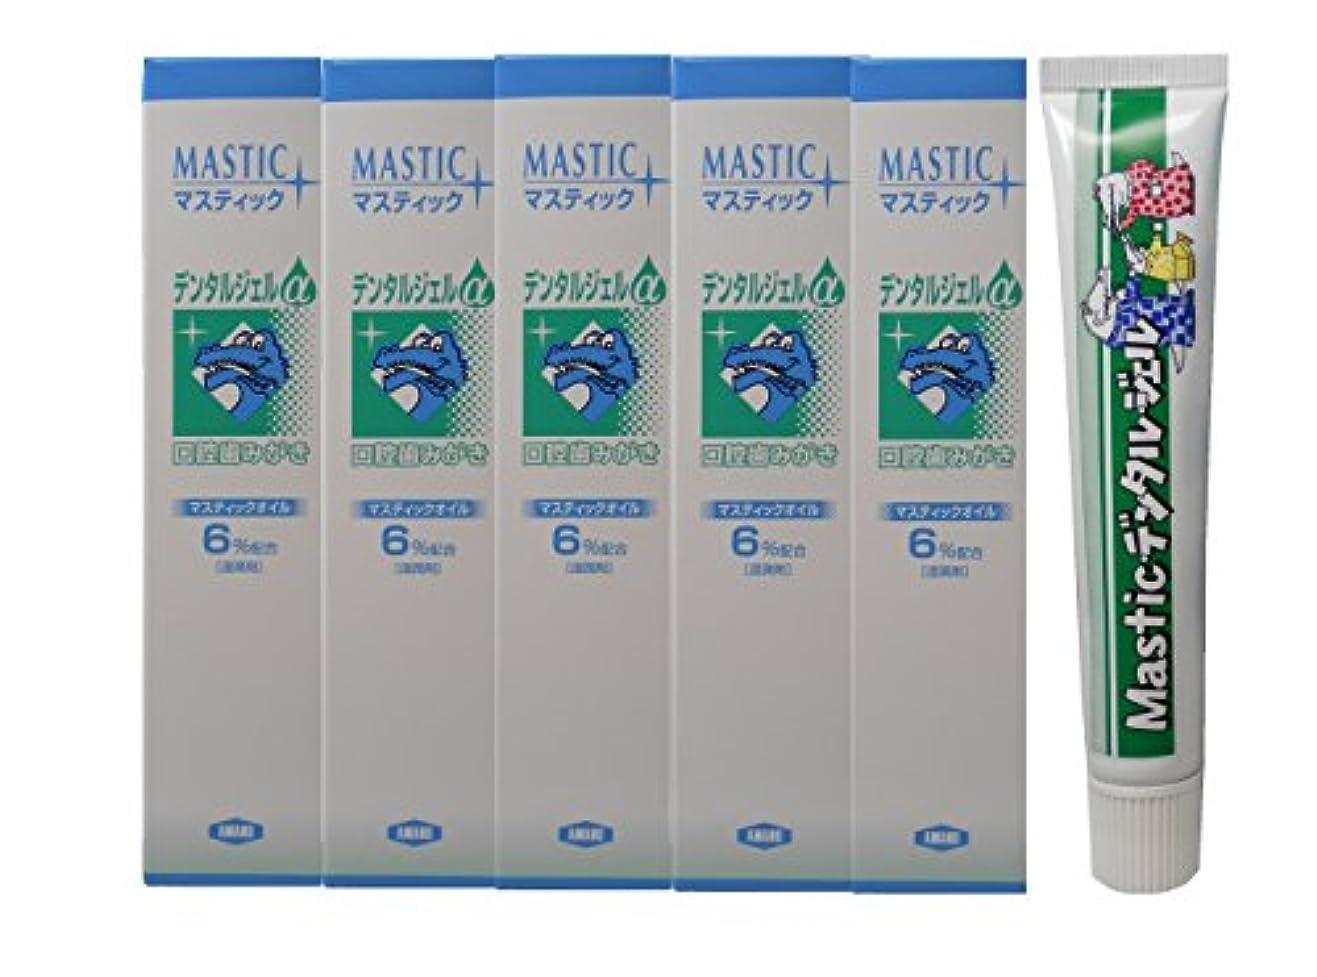 南東さびた残り物MASTIC マスティックデンタルジェルα45g(6%配合)5個+MASTIC デンタルエッセンスジェルMSローヤルⅡ増量50g(10%配合)1個セット